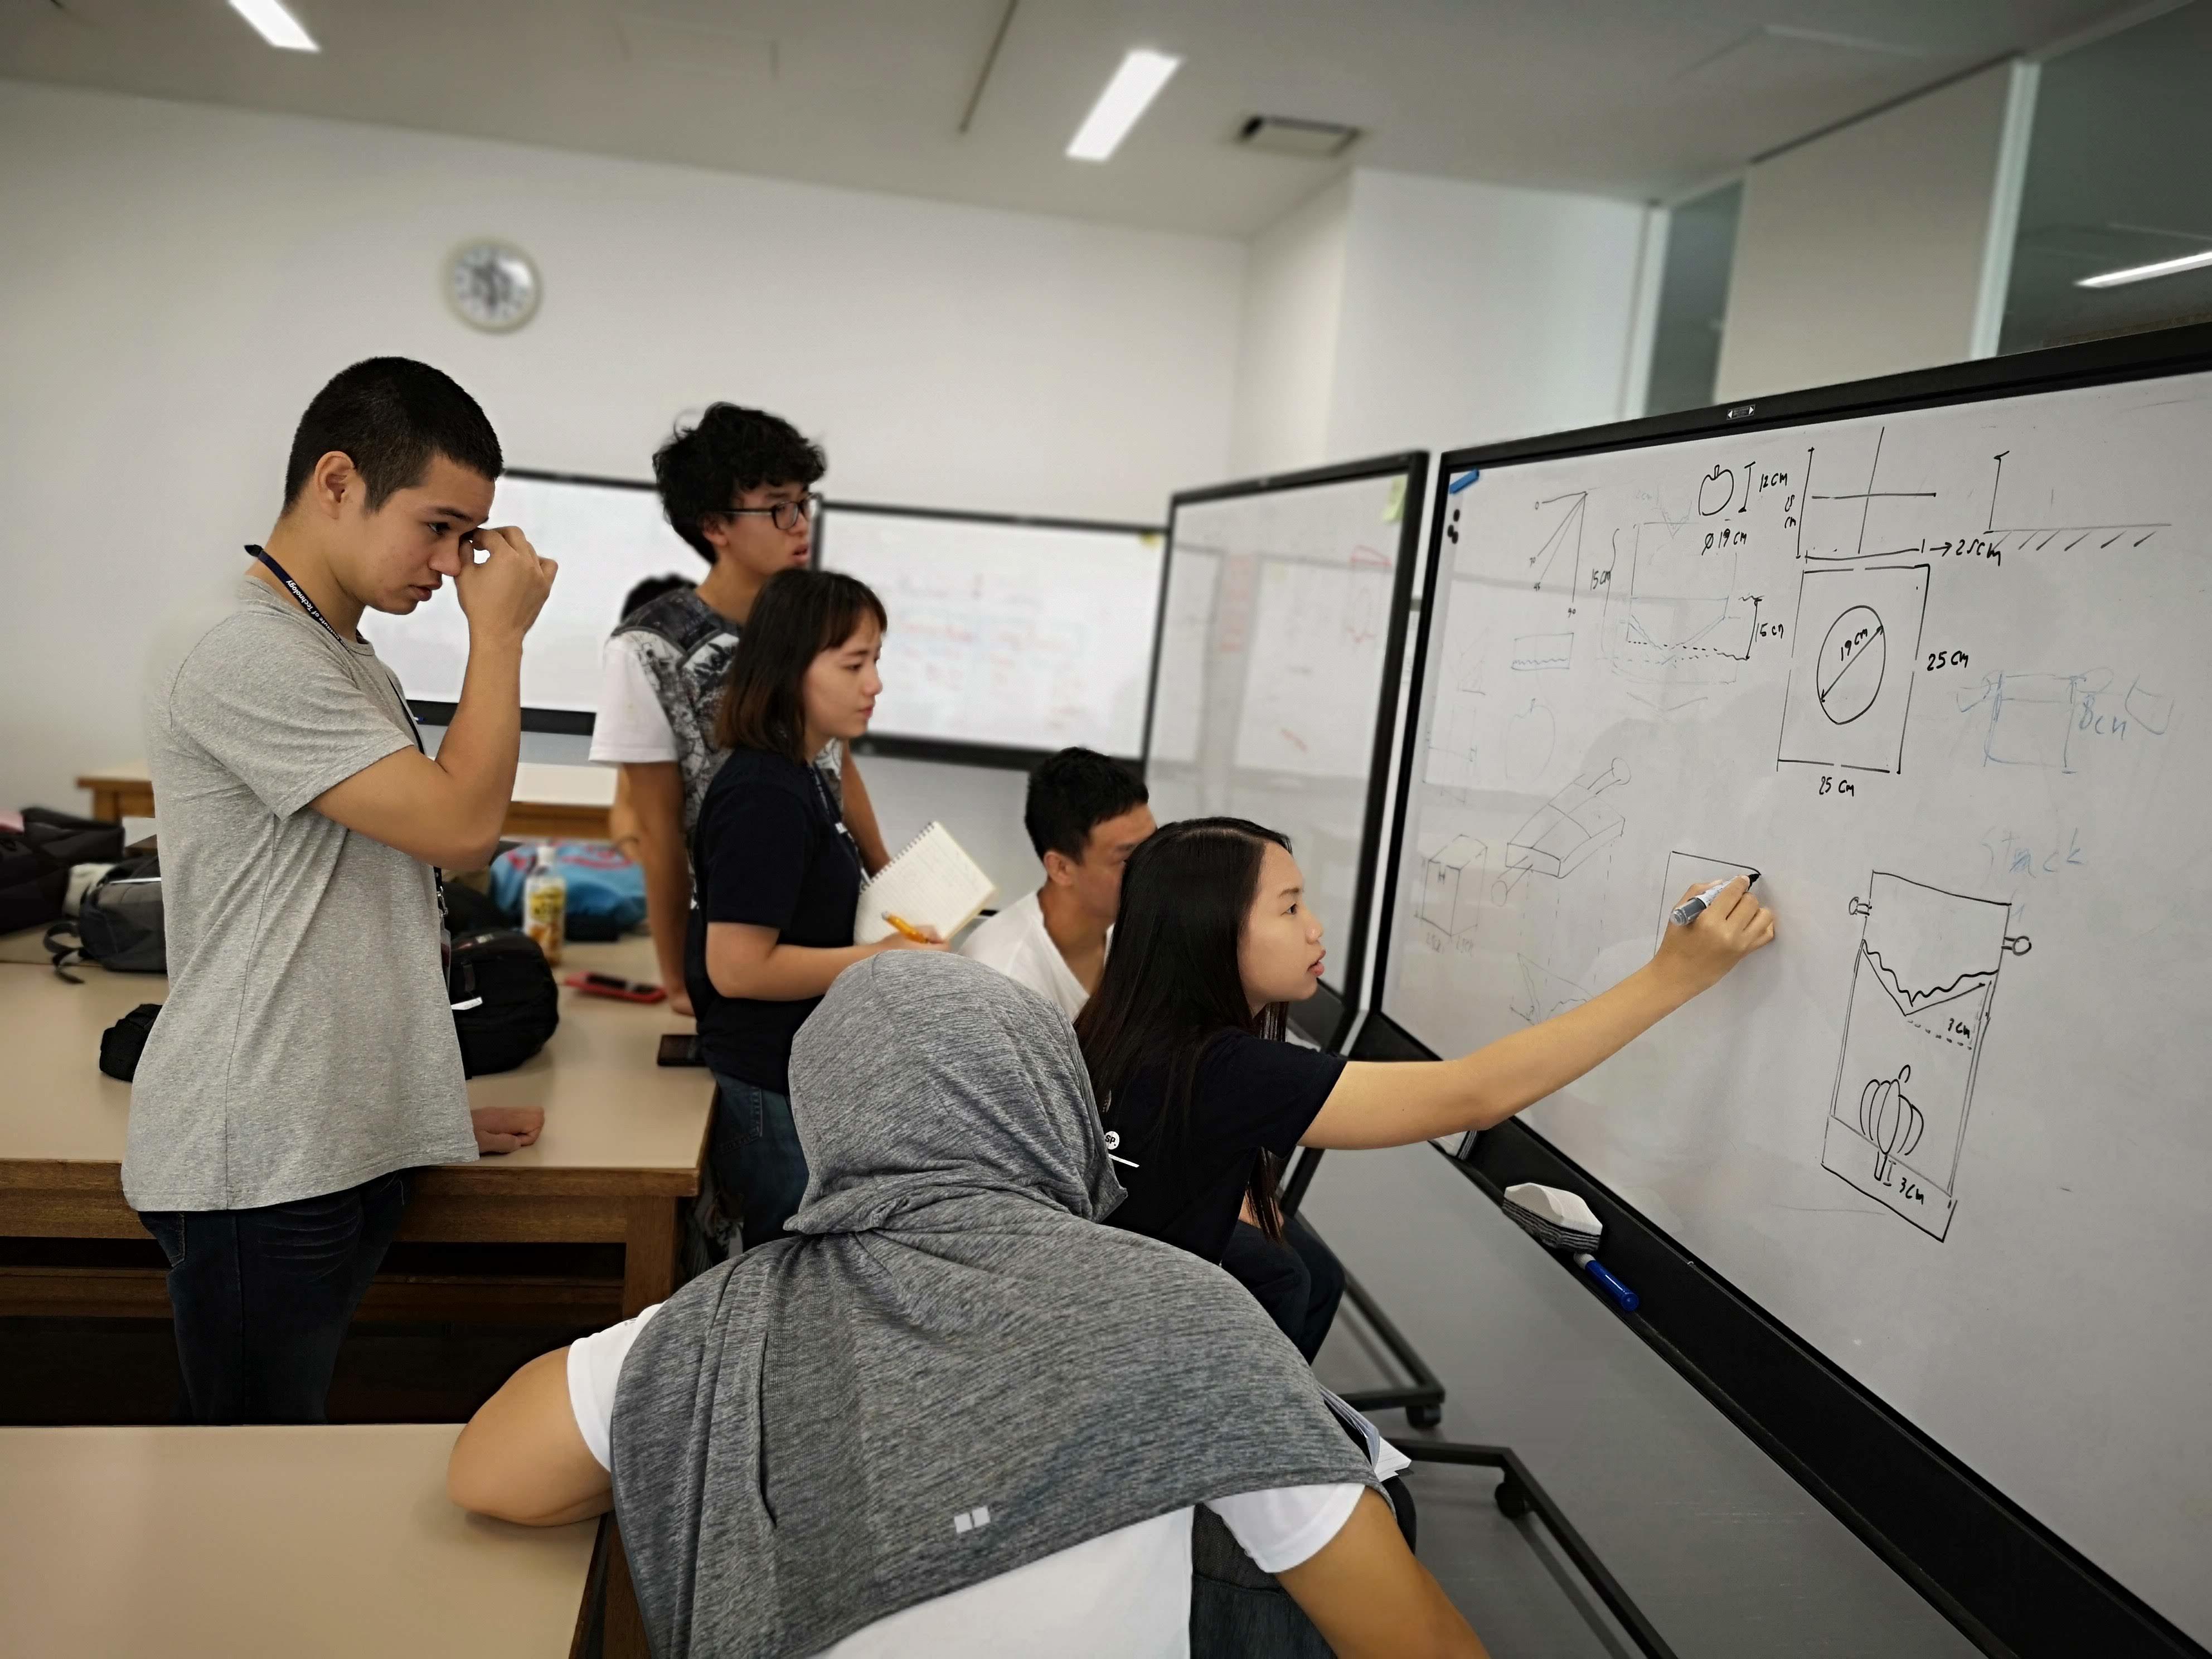 【学生が企画・実施】金沢工業大学の学生がアジアの学生とオンラインで多国籍チームを組み、社会に実在する問題に当事者の立場になって解決に取り組む